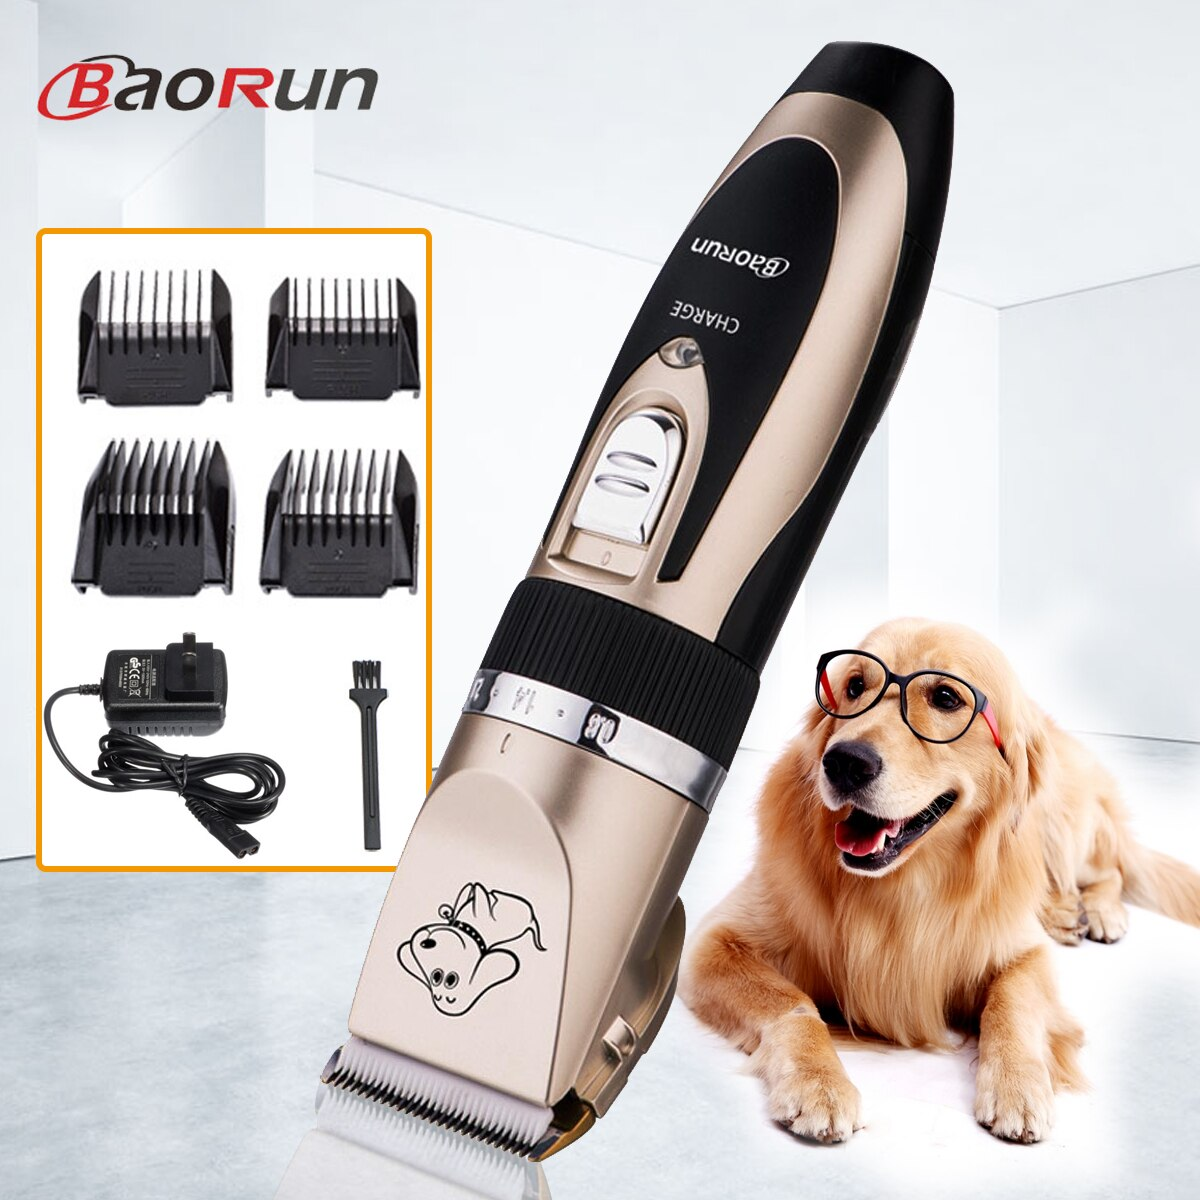 Машинка для стрижки собак в домашних условиях